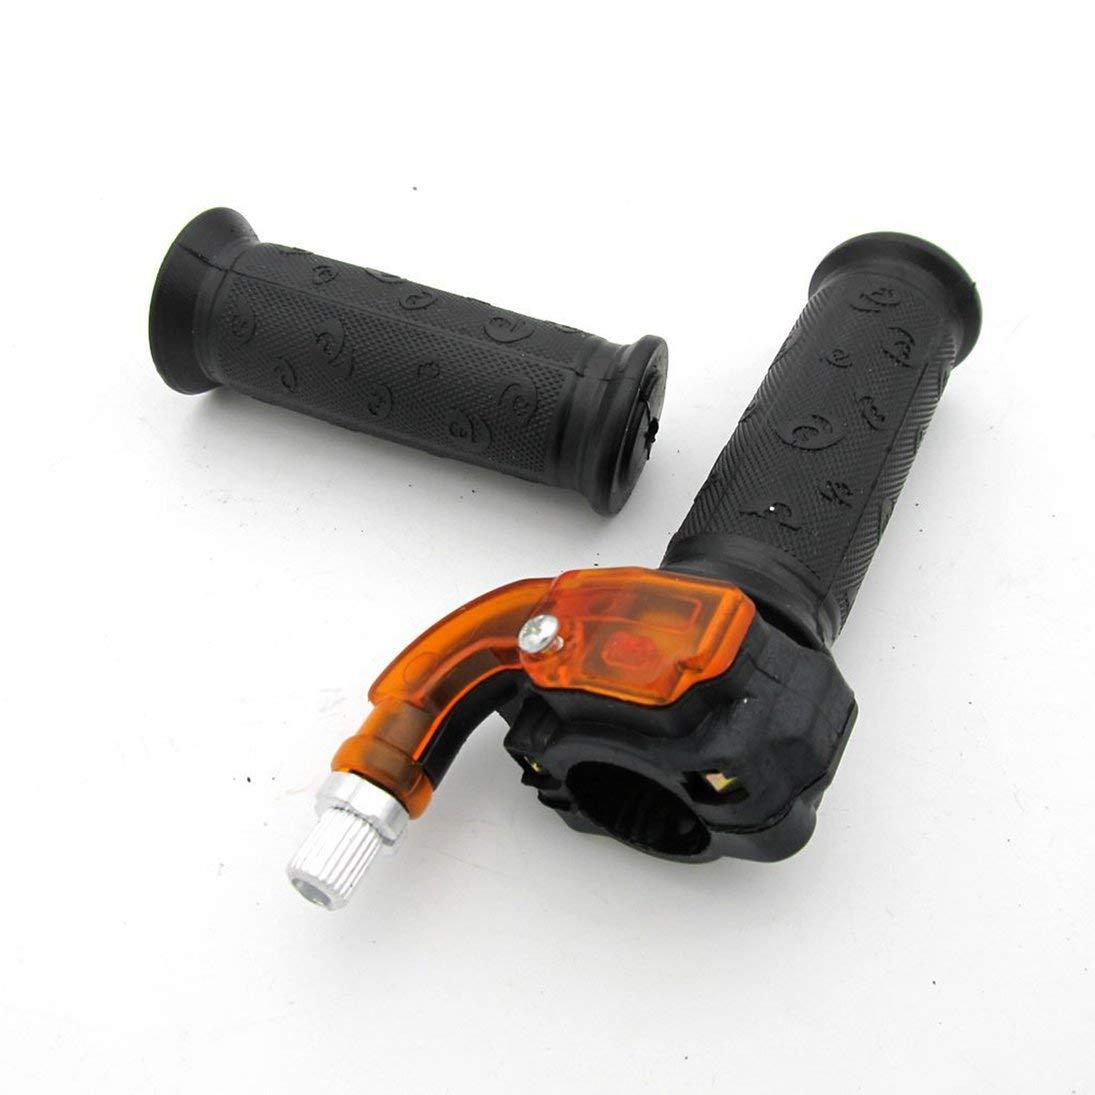 Poign/ée Poign/ée Pince dacc/él/érateur 49cc Pocket Bike Mini Moto Quads Twist Poign/ée dacc/él/érateur Papillon 7//8 22mm